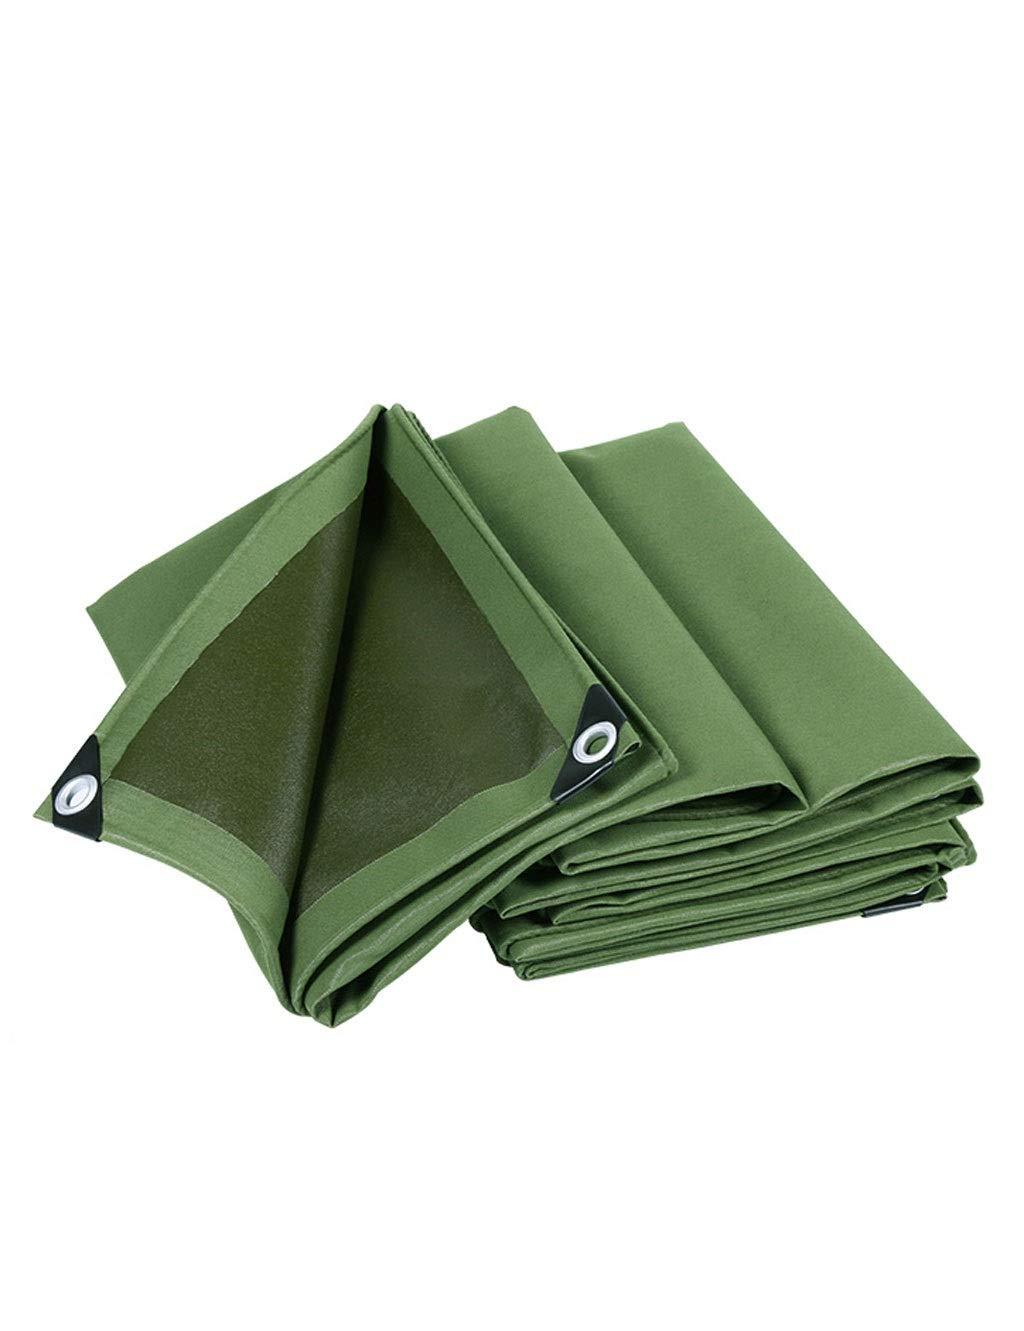 【在庫有】 多機能レインプルーフ日焼け止めオックスフォード布防水シート、厚品質カバー、テントキャンプ 4×4、グリーン、各種サイズあり B07QN7C6LT 4×4, 柏原市:e85df010 --- arianechie.dominiotemporario.com